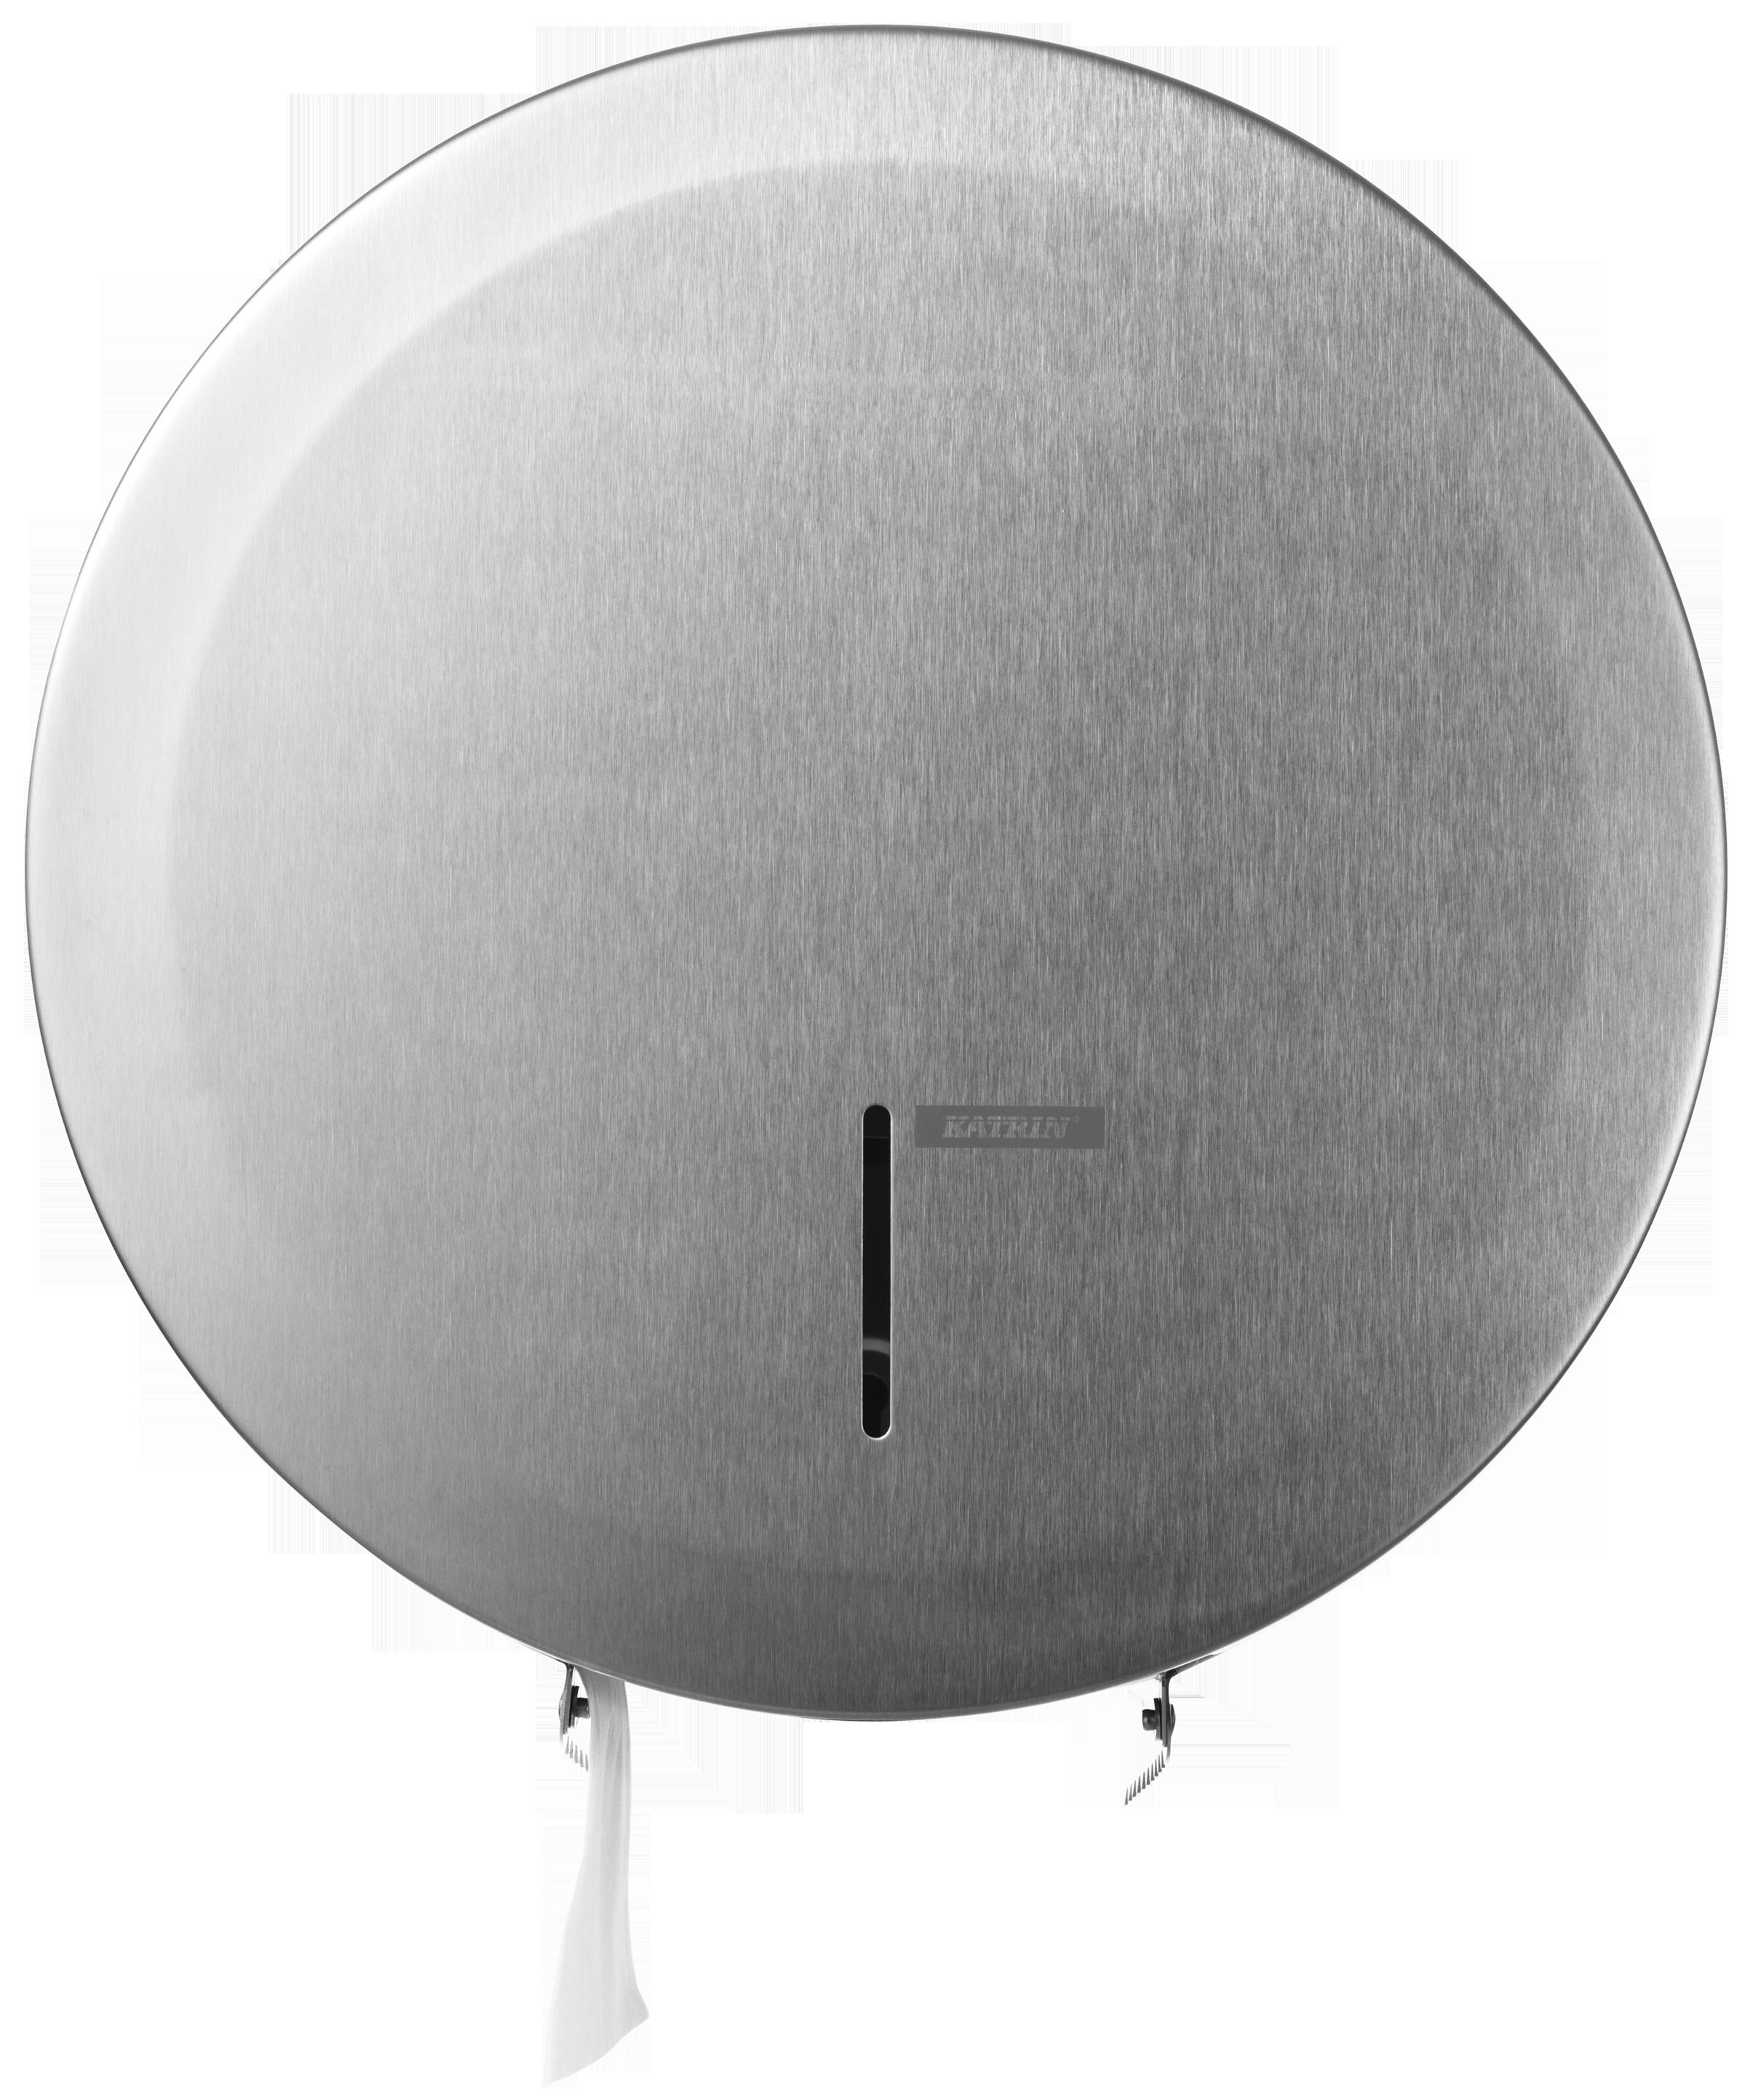 Katrin Toilettenpapierspender Gigantbox L stahl